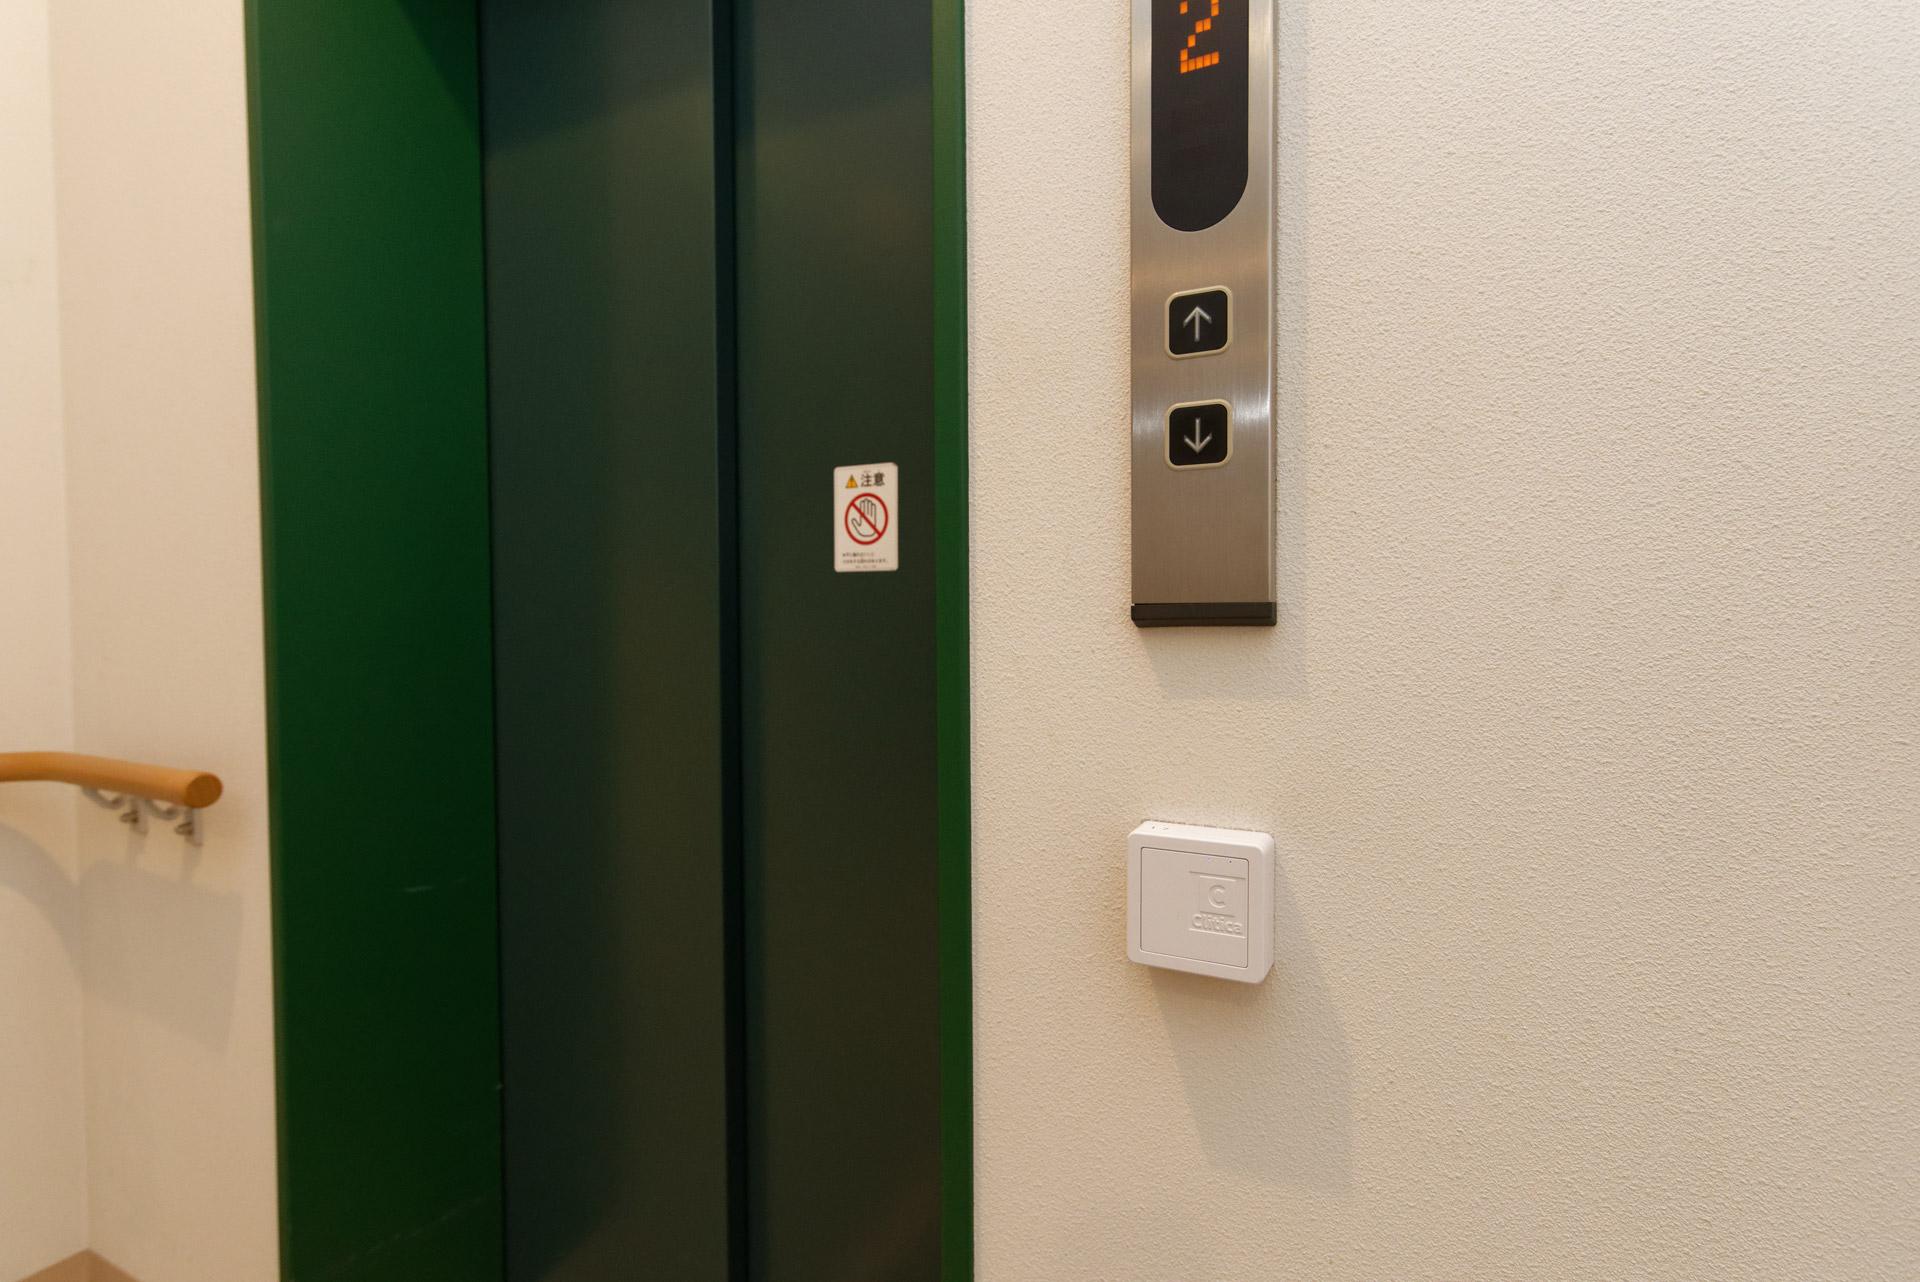 扉やエレベーターの近くにあるRFIDリーダー。システムに情報登録した鍵代わりのRFIDタグをかざすことで解錠できる